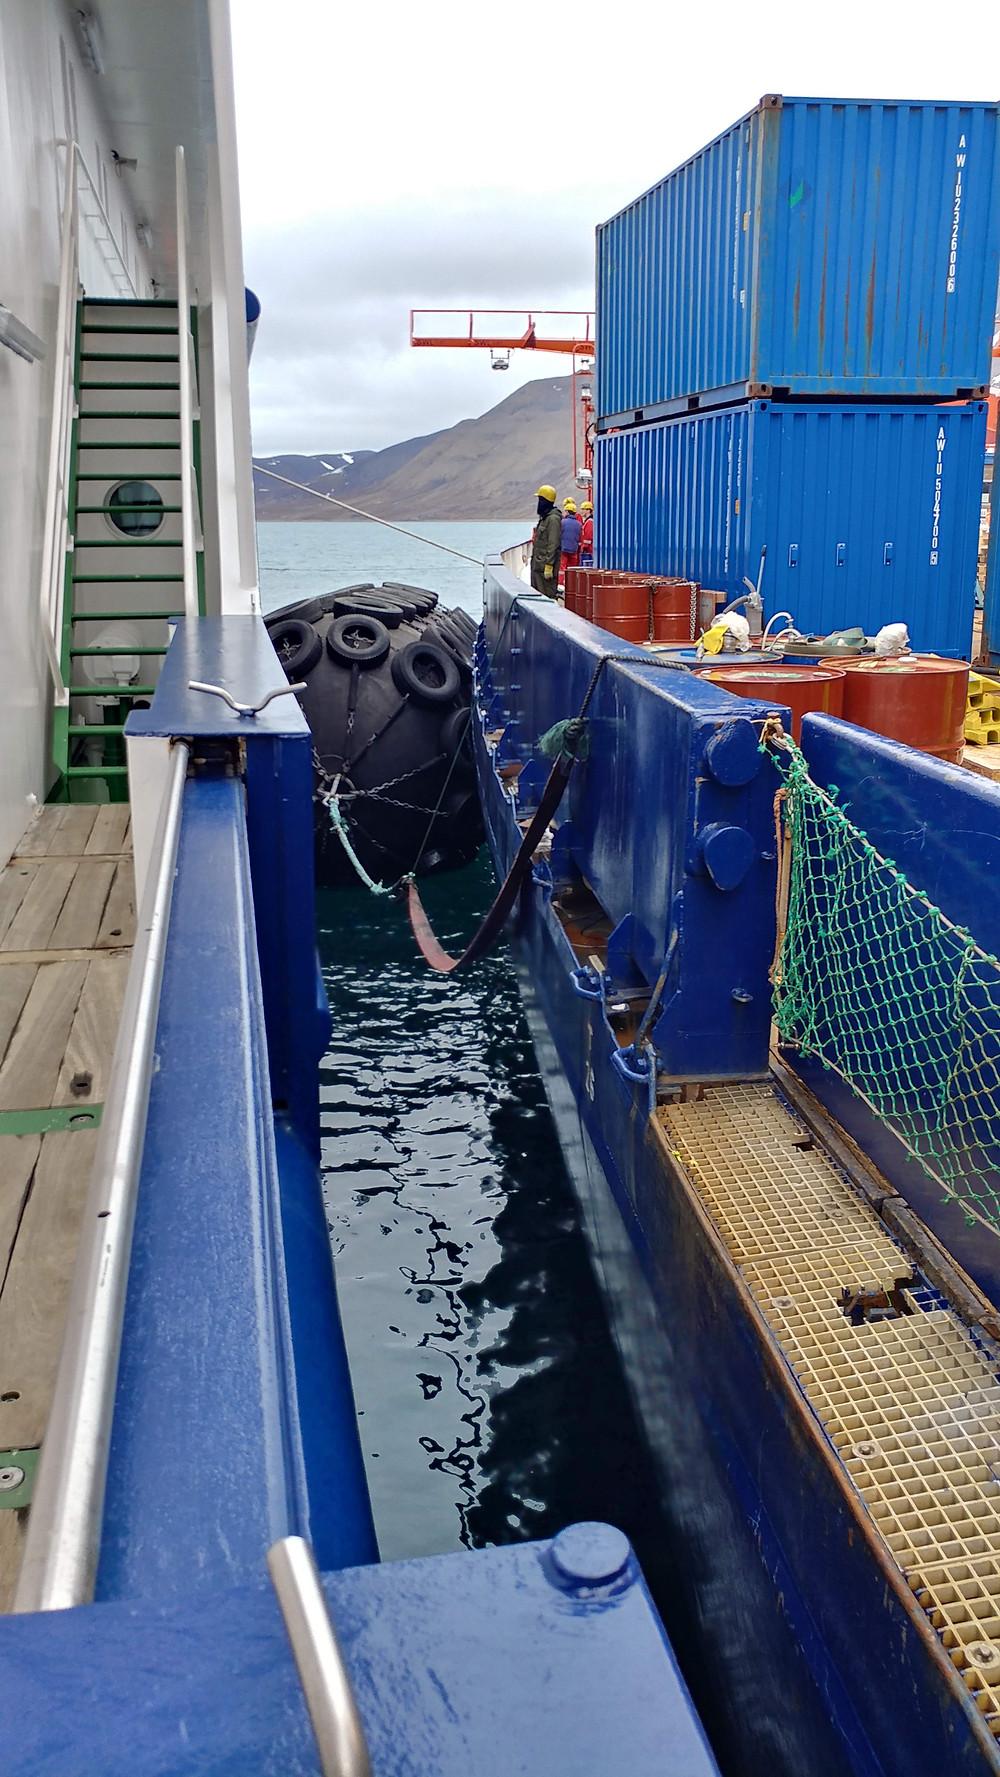 Fotografia de dois navios lado a lado no Ártico. Dois grandes contêineres azuis e vários barris laranja são vistos na embarcação à direita, com uma única pessoa ao fundo. Uma grande bóia com pneus protege os navios da colisão um com o outro. Ao longe, a água parece calma e há morros marrons.